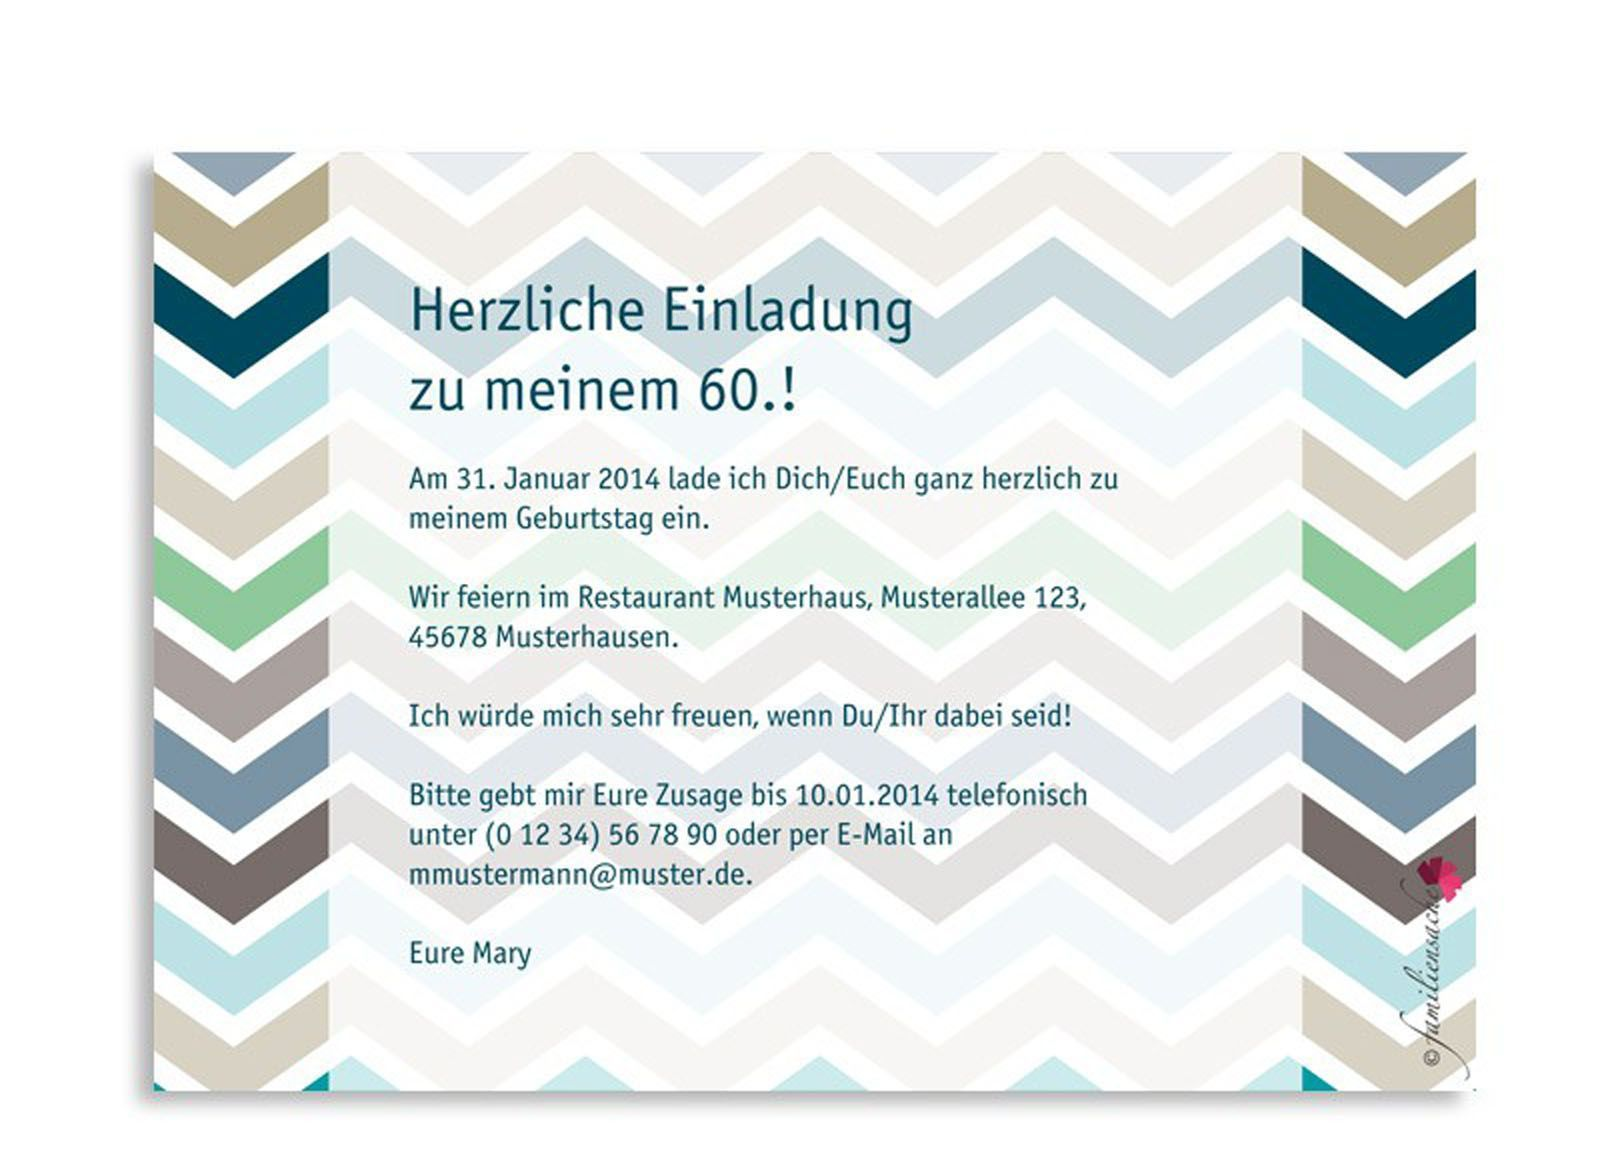 Einladungskarten Geburtstag Einladungskarte 60 Geburtstag Einladung Zum Geburtstag Einladung Geburtstag Einladung Geburtstag Text Einladung 40 Geburtstag